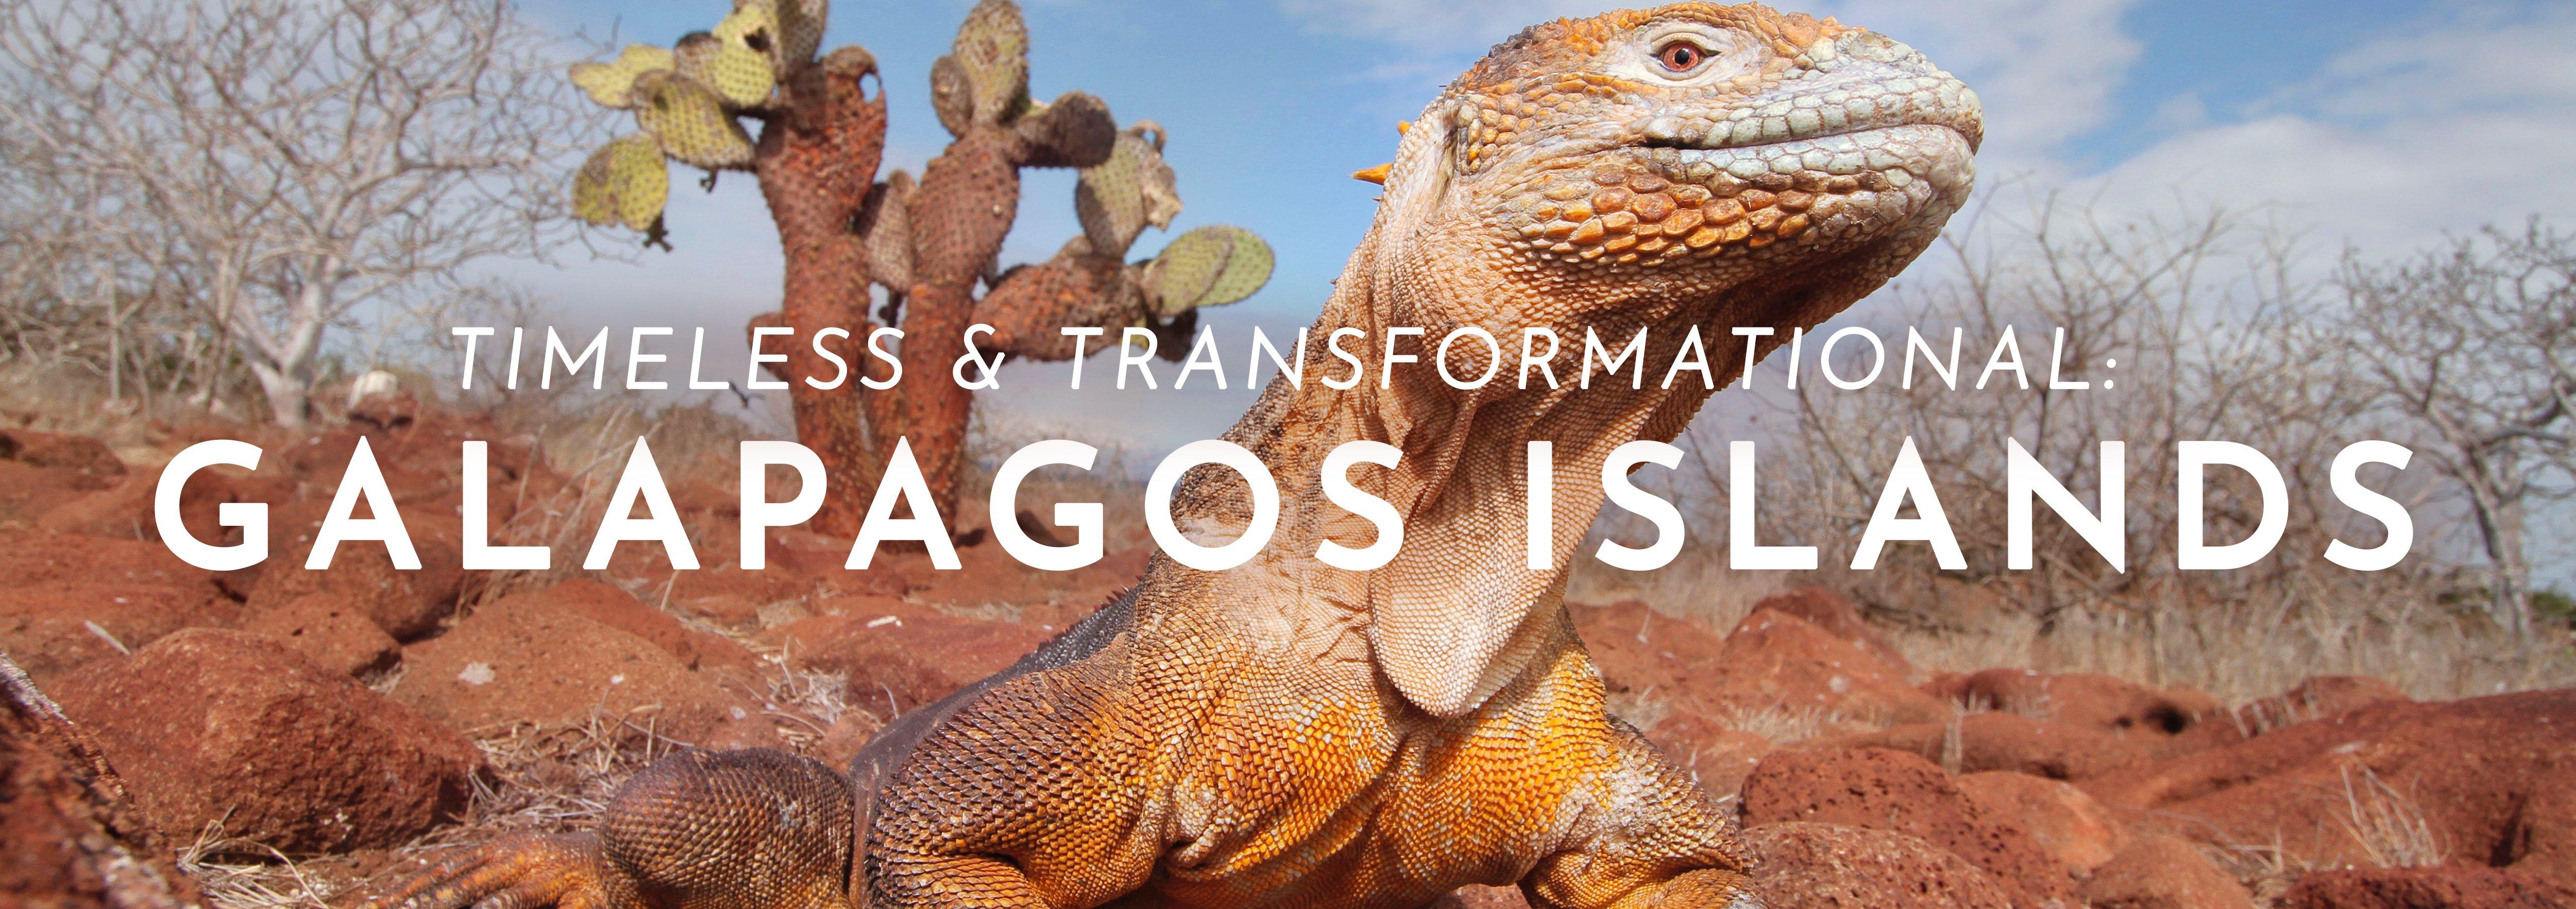 GalapagosHeader